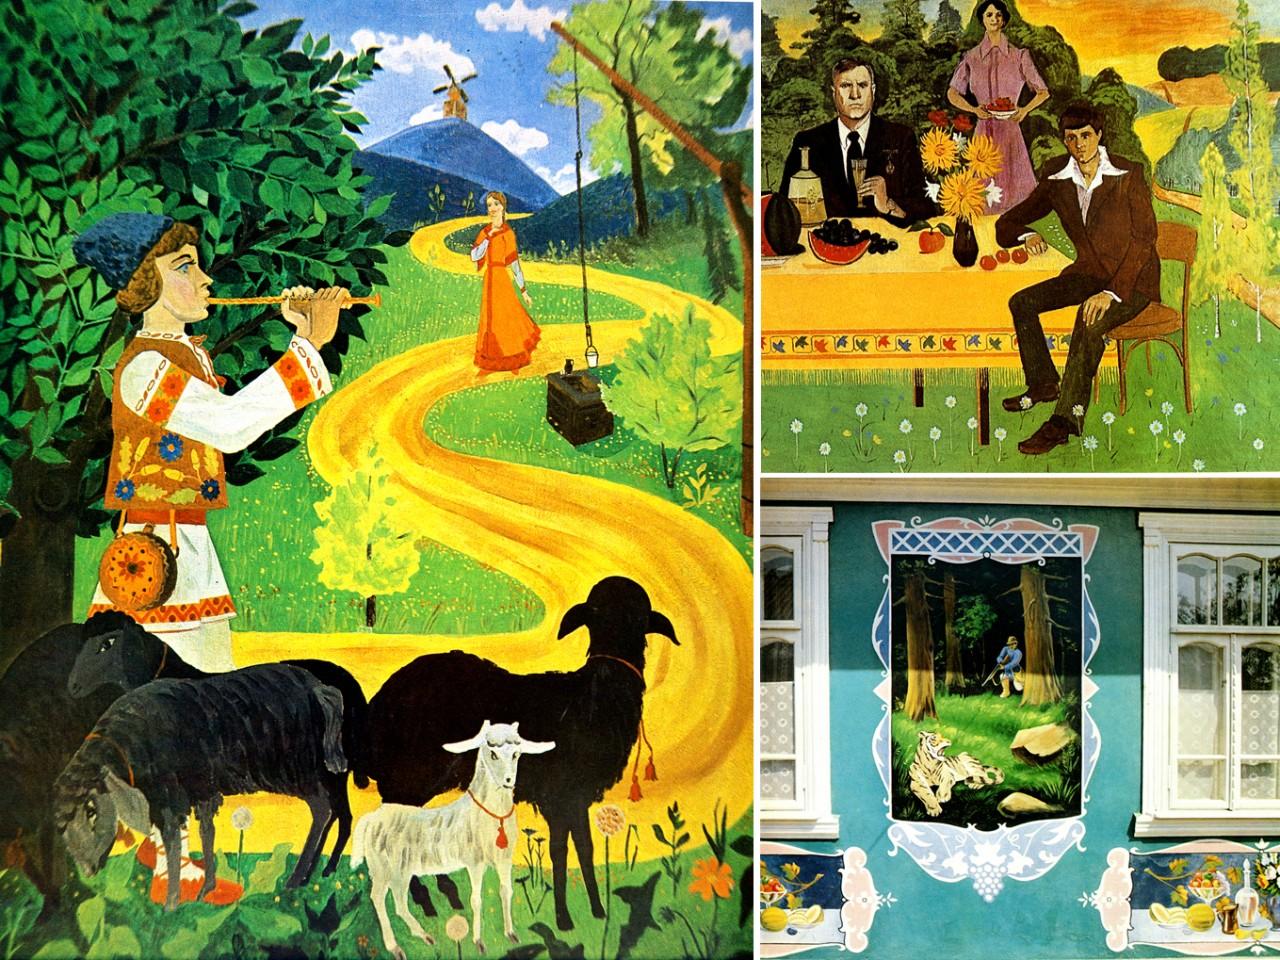 Как разрисовывали сельские дома в Советской Молдавии! Национальное искусство резьбы по штукатурке